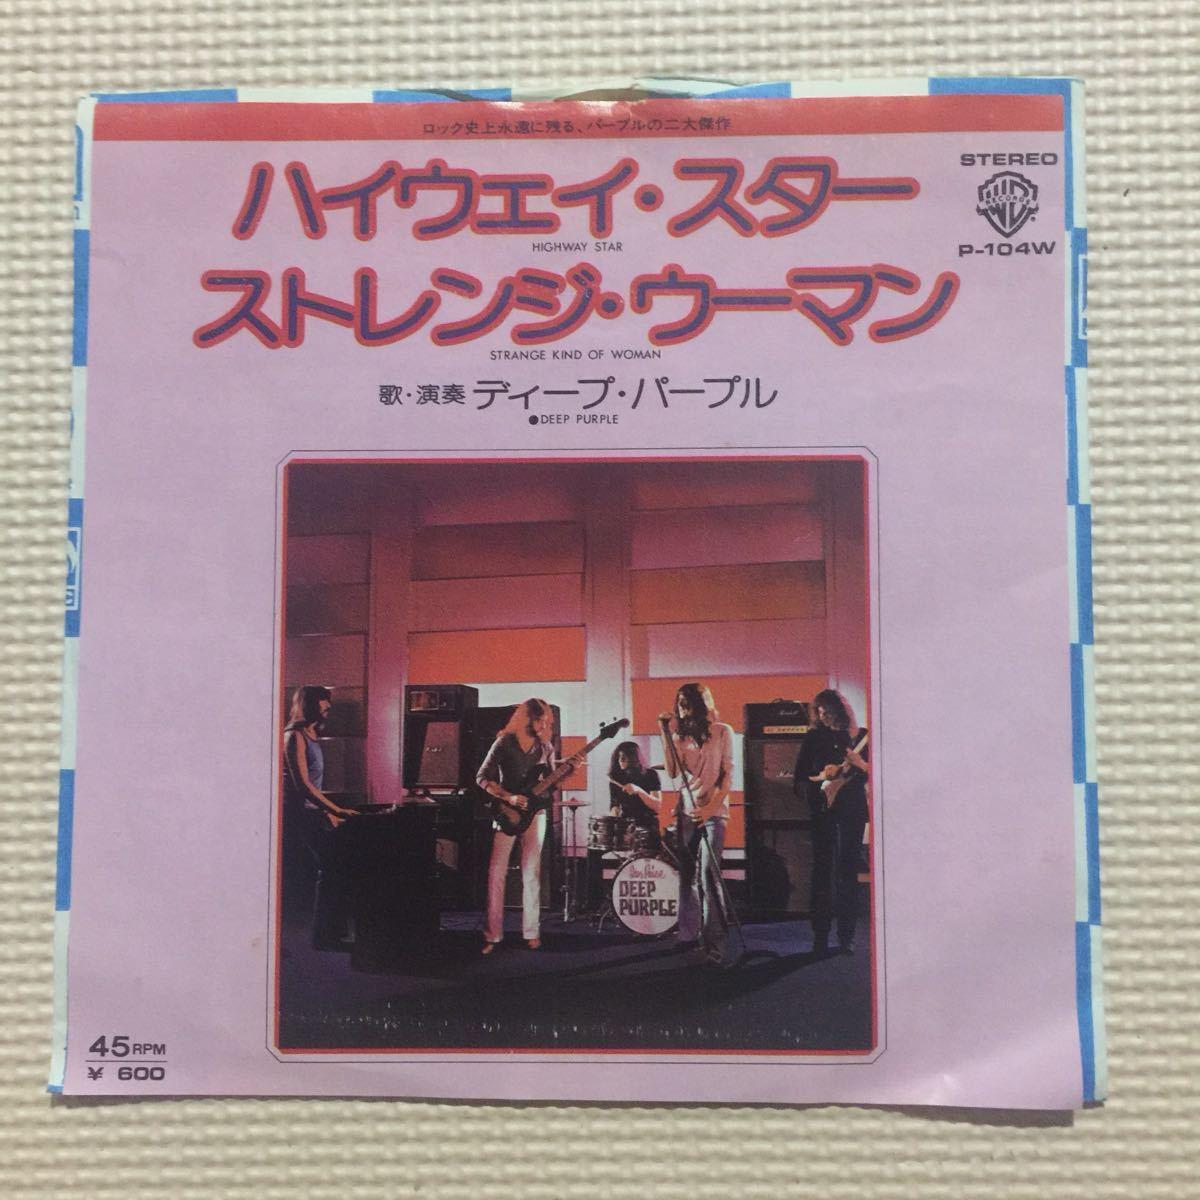 ディープ・パープル ハイウェイ・スター 国内盤7インチシングルレコード